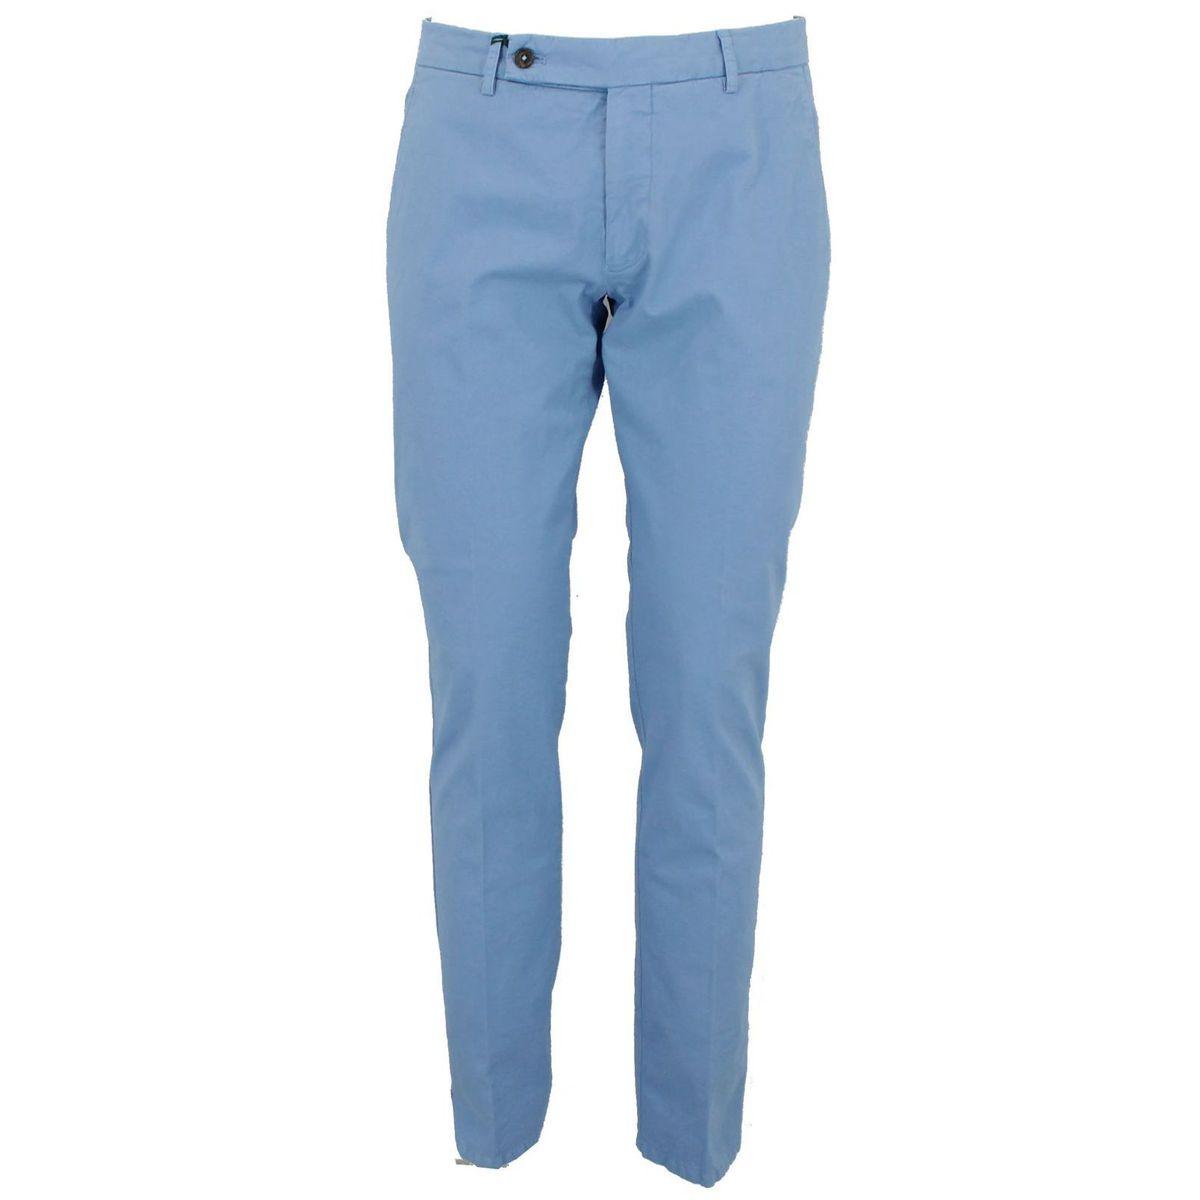 Pantalone in cotone Celeste Berwich